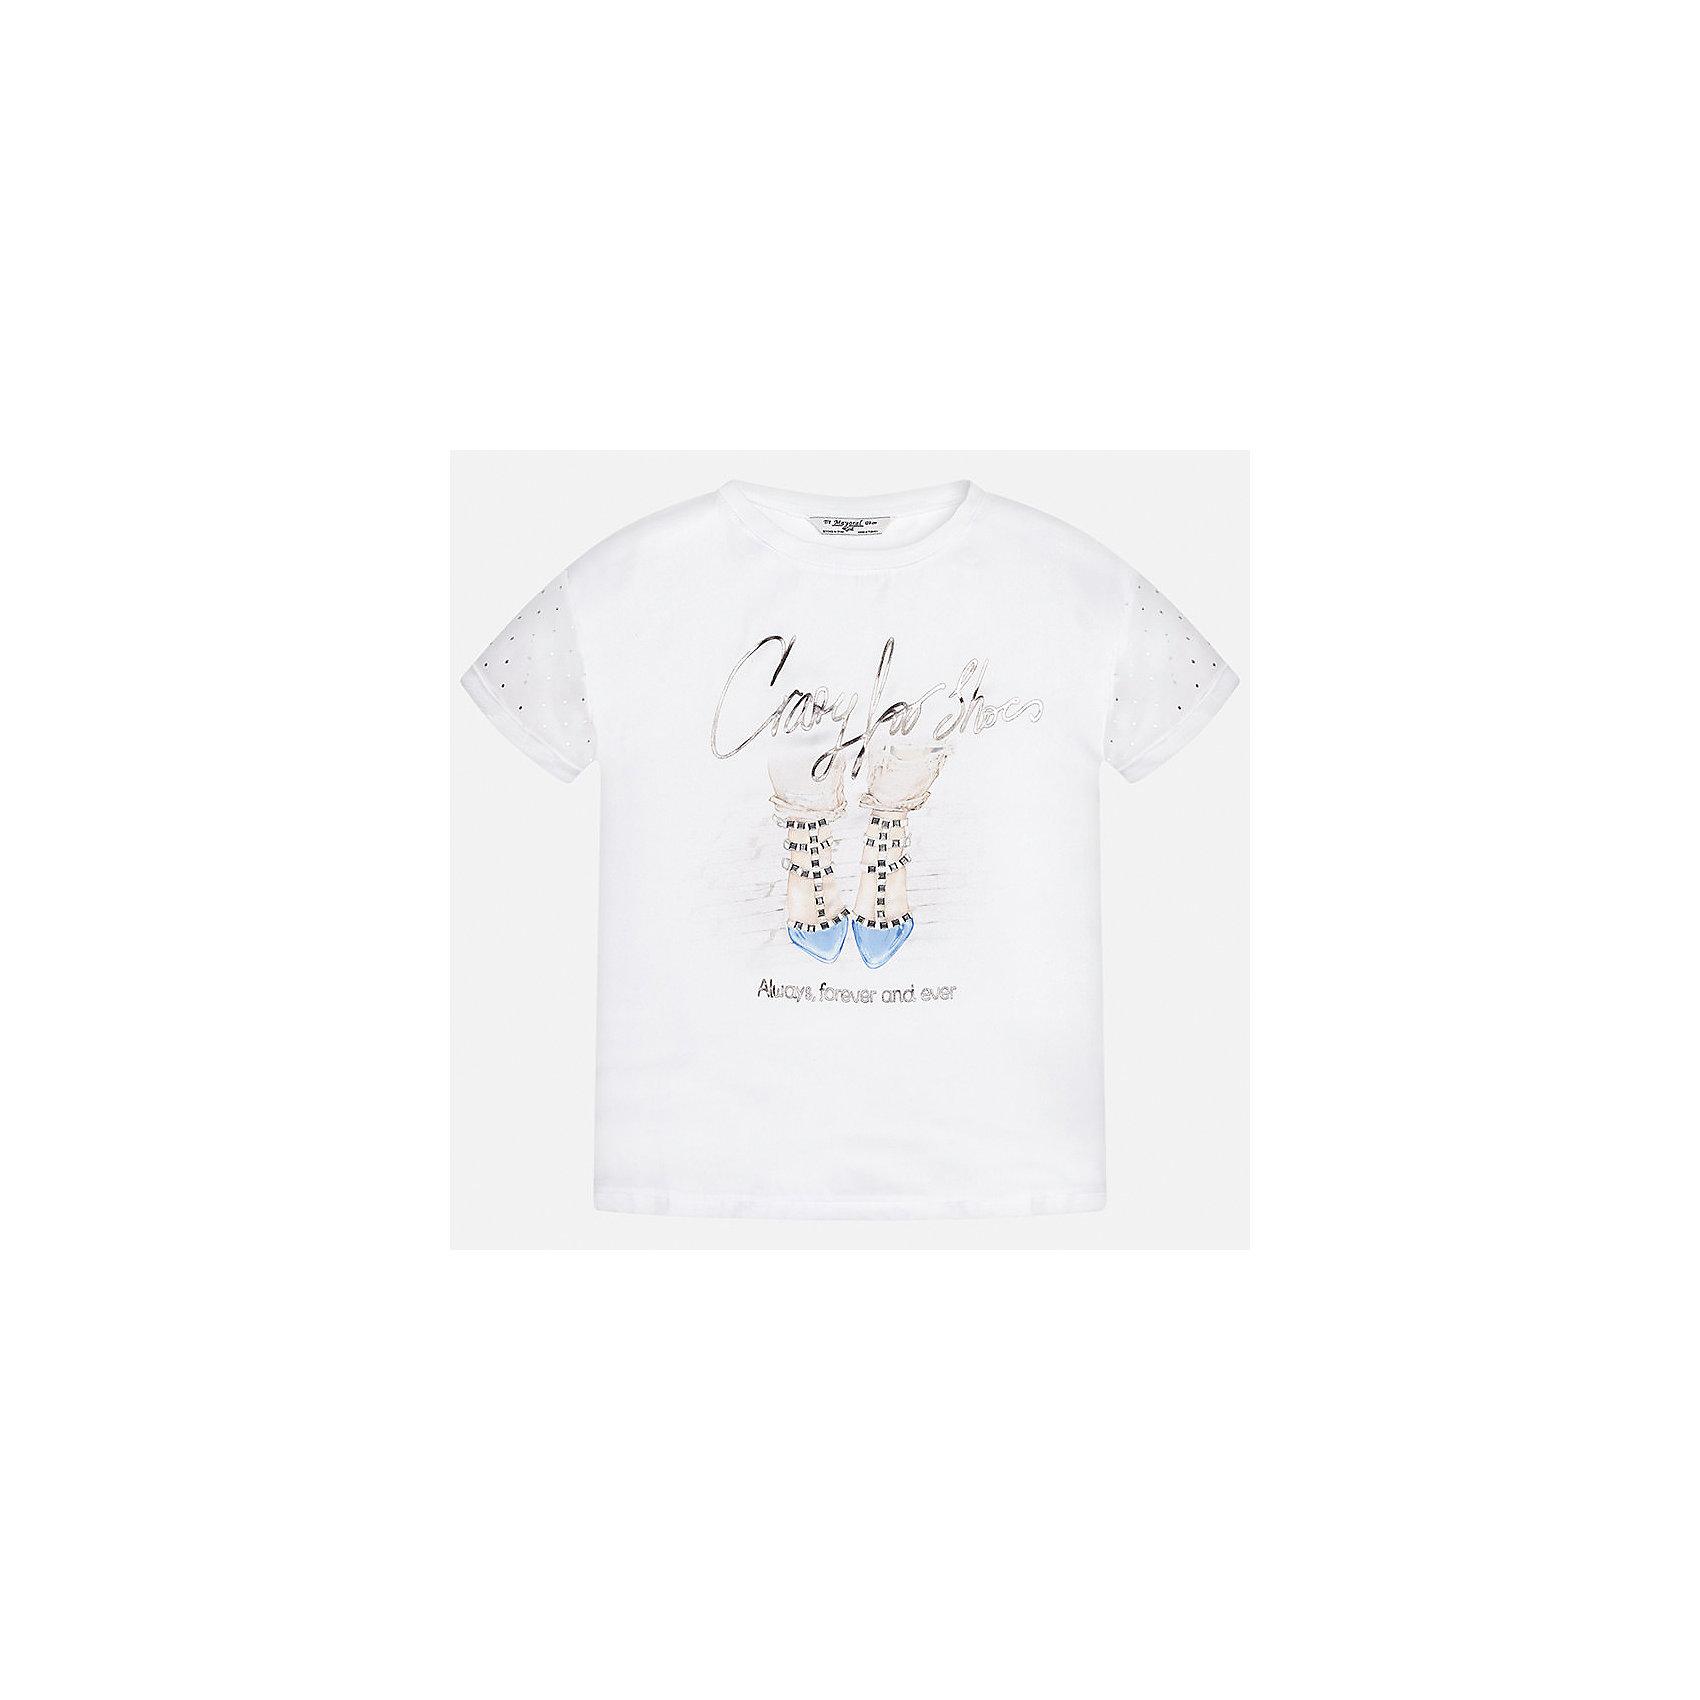 Футболка для девочки MayoralФутболки, поло и топы<br>Характеристики товара:<br><br>• цвет: белый<br>• состав: 60% полиэстер, 40% вискоза<br>• эластичный материал<br>• декорирована принтом<br>• короткие рукава<br>• округлый горловой вырез<br>• страна бренда: Испания<br><br>Модная качественная футболка для девочки поможет разнообразить гардероб ребенка и украсить наряд. Она отлично сочетается и с юбками, и с шортами, и с брюками. Универсальный цвет позволяет подобрать к вещи низ практически любой расцветки. Интересная отделка модели делает её нарядной и оригинальной.<br><br>Одежда, обувь и аксессуары от испанского бренда Mayoral полюбились детям и взрослым по всему миру. Модели этой марки - стильные и удобные. Для их производства используются только безопасные, качественные материалы и фурнитура. Порадуйте ребенка модными и красивыми вещами от Mayoral! <br><br>Футболку для девочки от испанского бренда Mayoral (Майорал) можно купить в нашем интернет-магазине.<br><br>Ширина мм: 199<br>Глубина мм: 10<br>Высота мм: 161<br>Вес г: 151<br>Цвет: голубой<br>Возраст от месяцев: 84<br>Возраст до месяцев: 96<br>Пол: Женский<br>Возраст: Детский<br>Размер: 128/134,170,140,152,158,164<br>SKU: 5300688